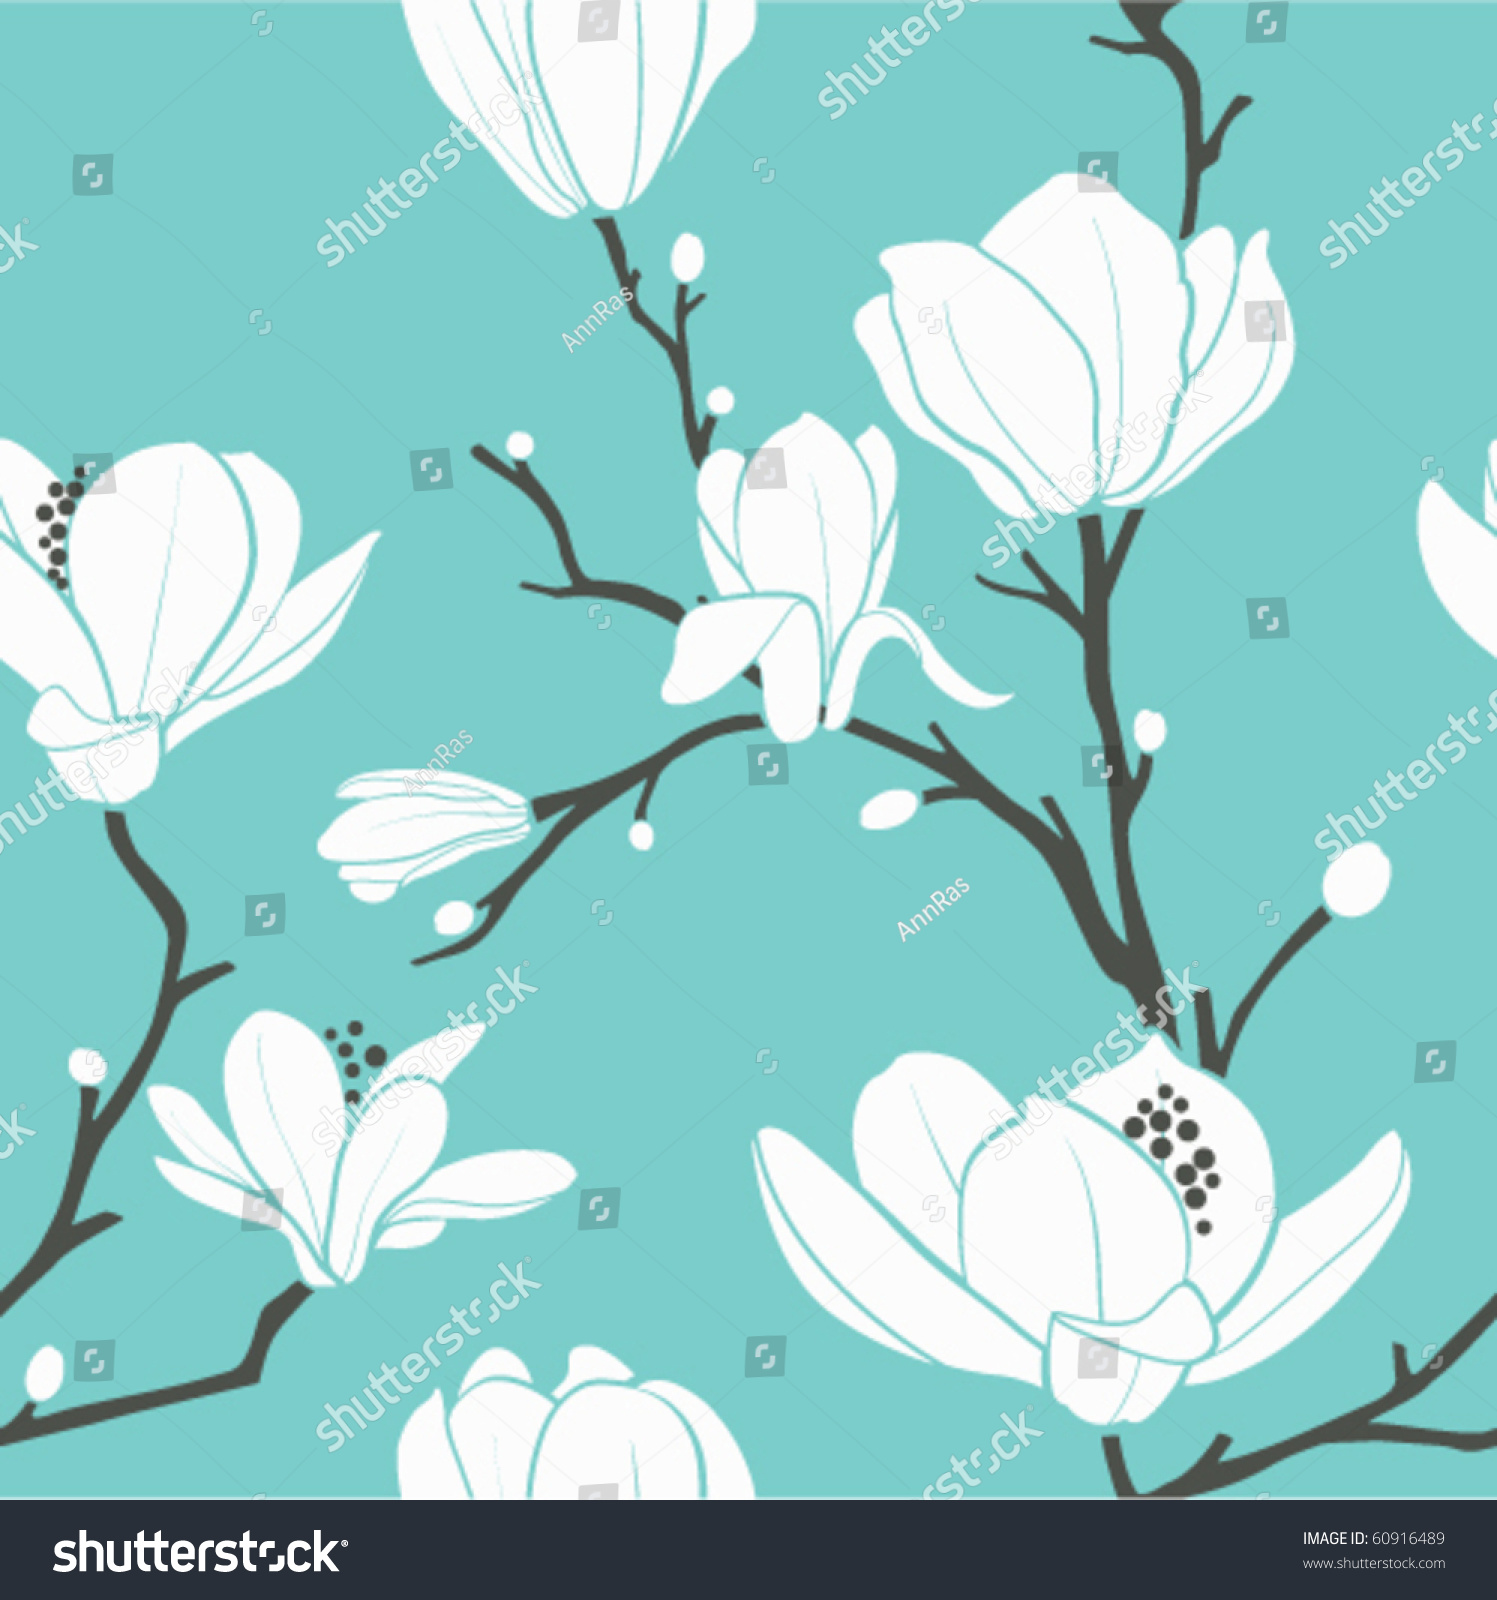 木兰花的无缝矢量图形-背景/素材